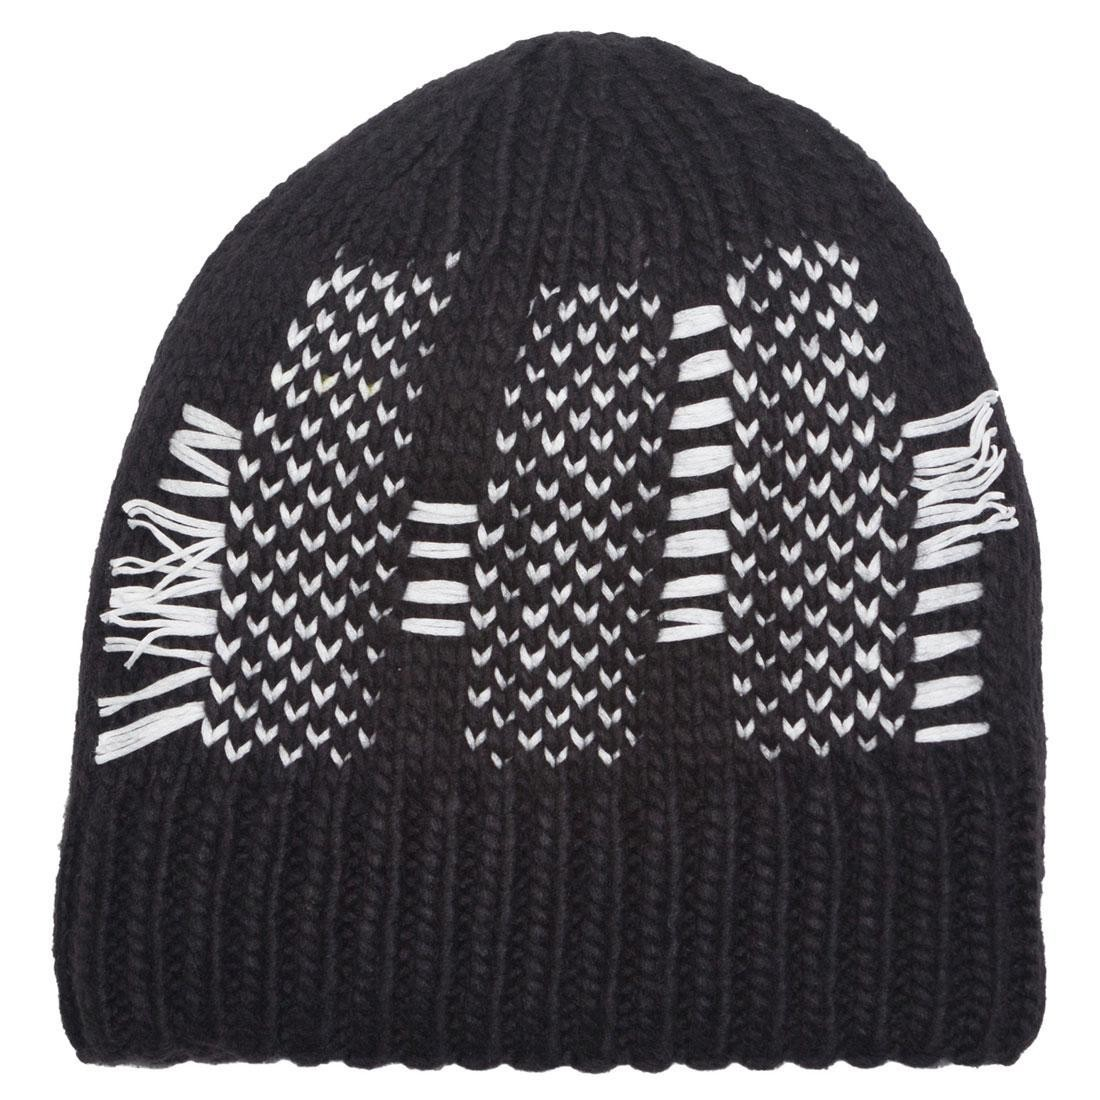 Adidas Y-3 Y3 Knit Beanie (black)